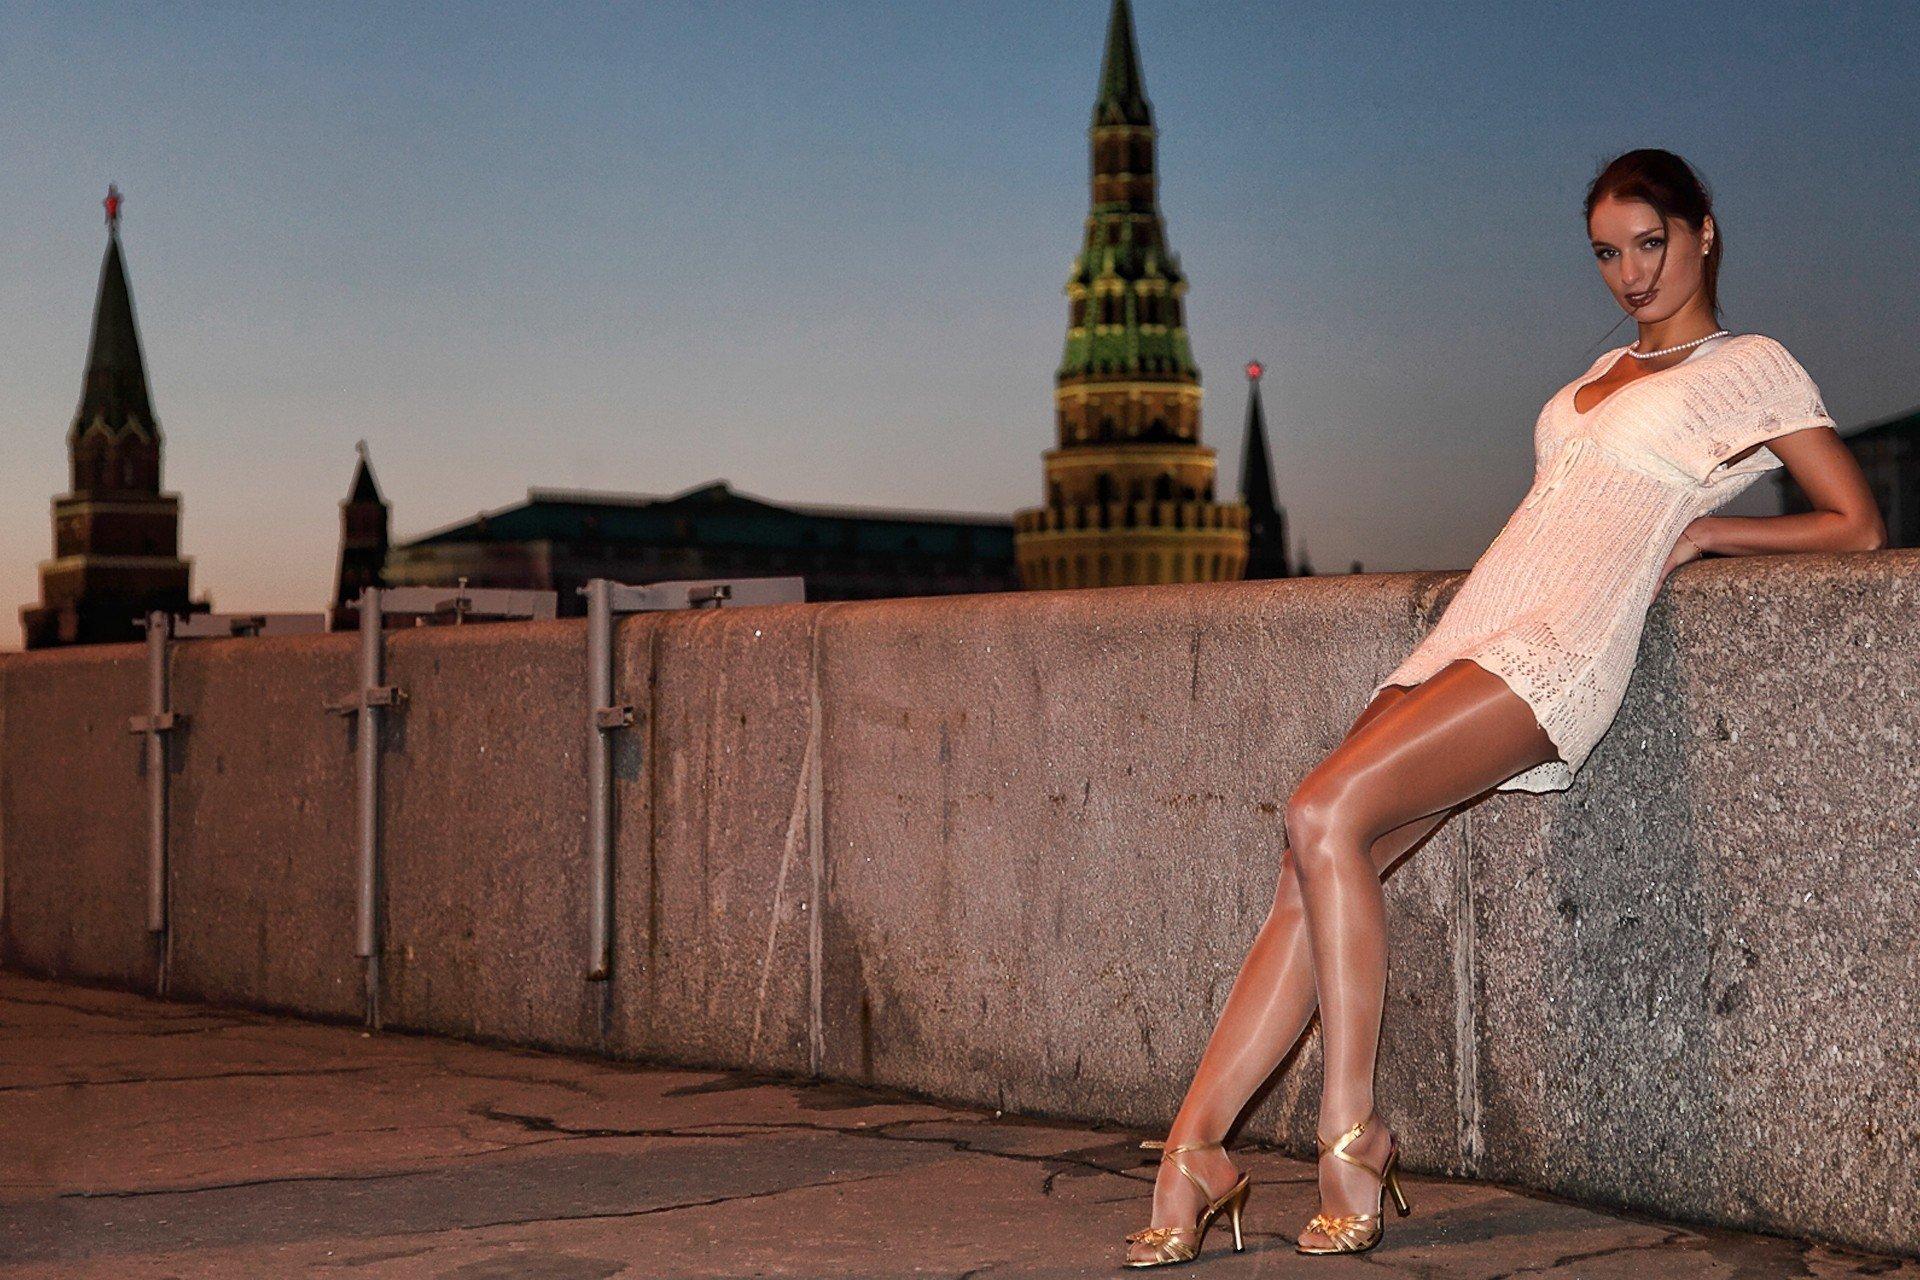 Фото московских девочек, Летние девушки в Москве (88 фото) 24 фотография